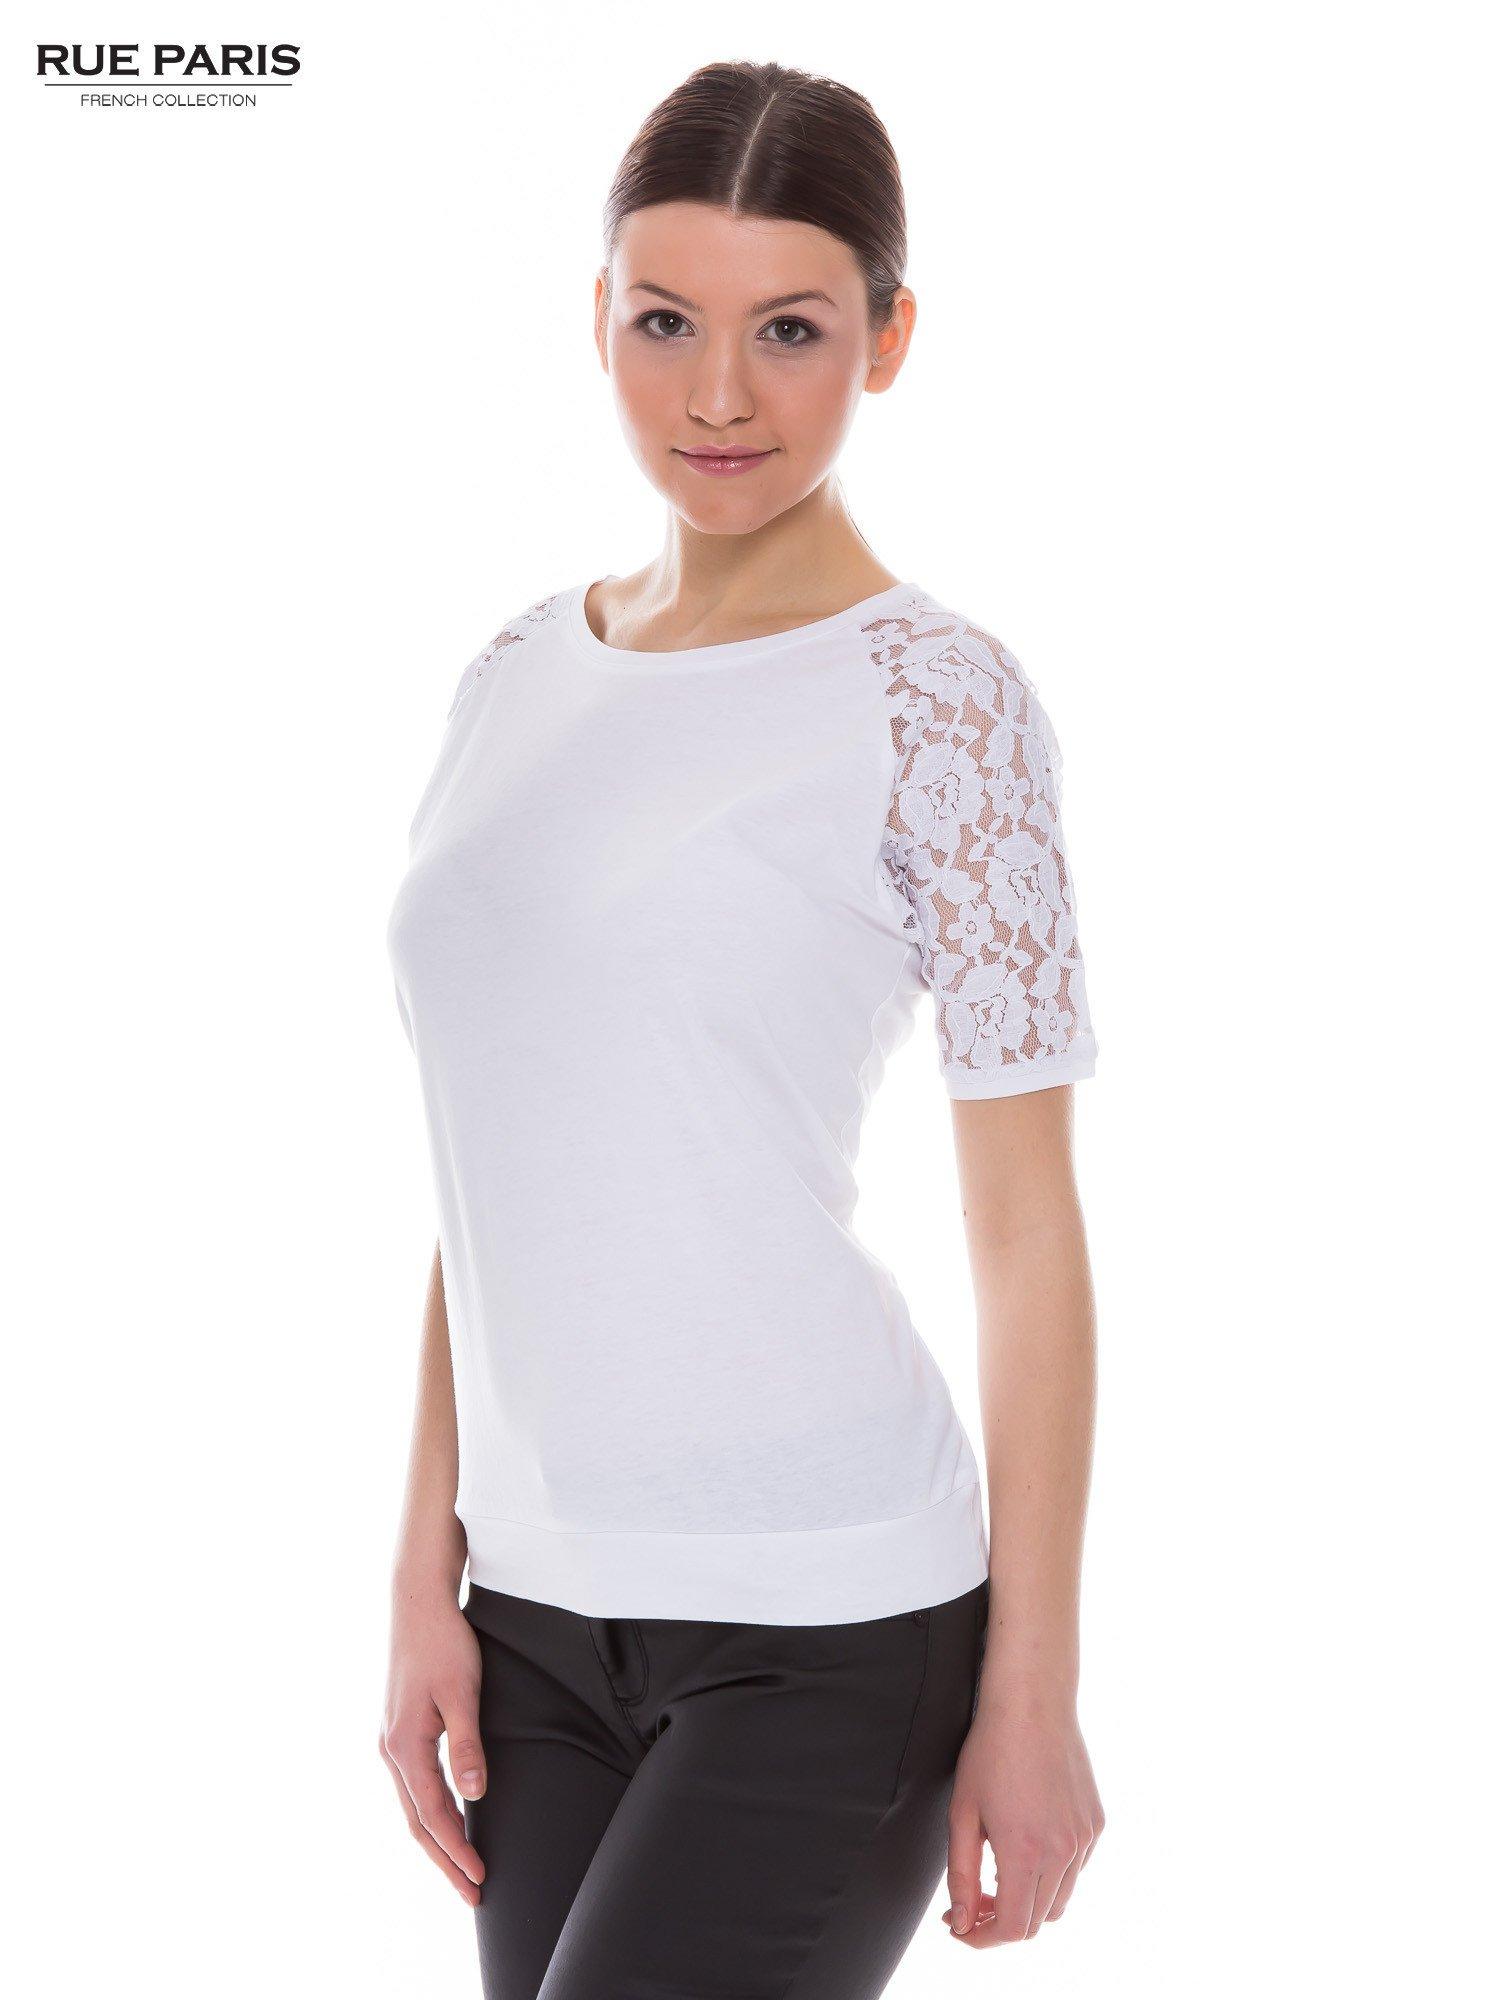 Biały t-shirt z koronkowymi rękawami długości 3/4                                  zdj.                                  2